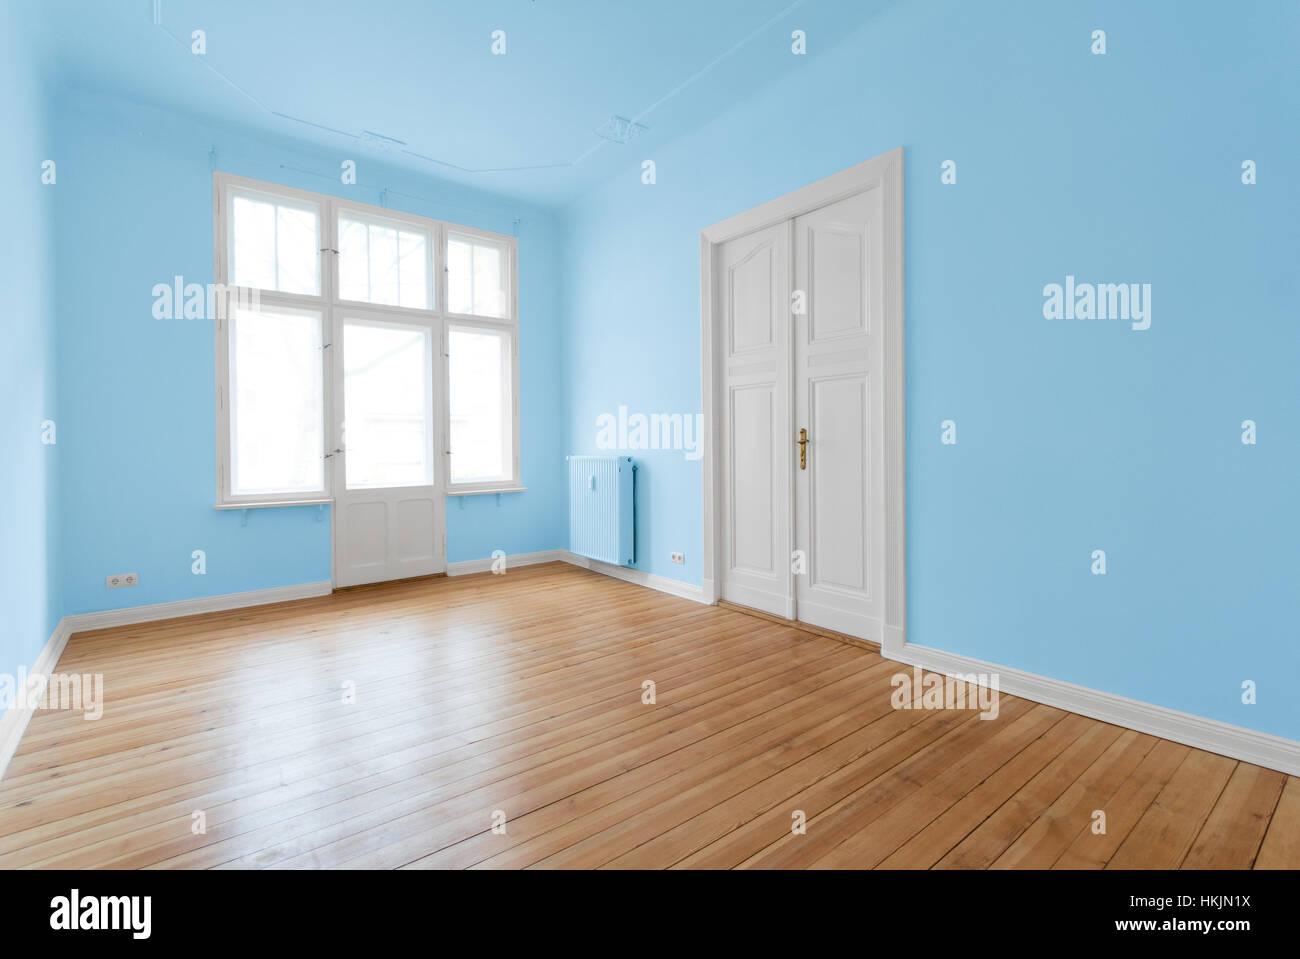 leeren raum wohnung nach der renovierung mit blau gestrichenen w nden stockfoto bild. Black Bedroom Furniture Sets. Home Design Ideas